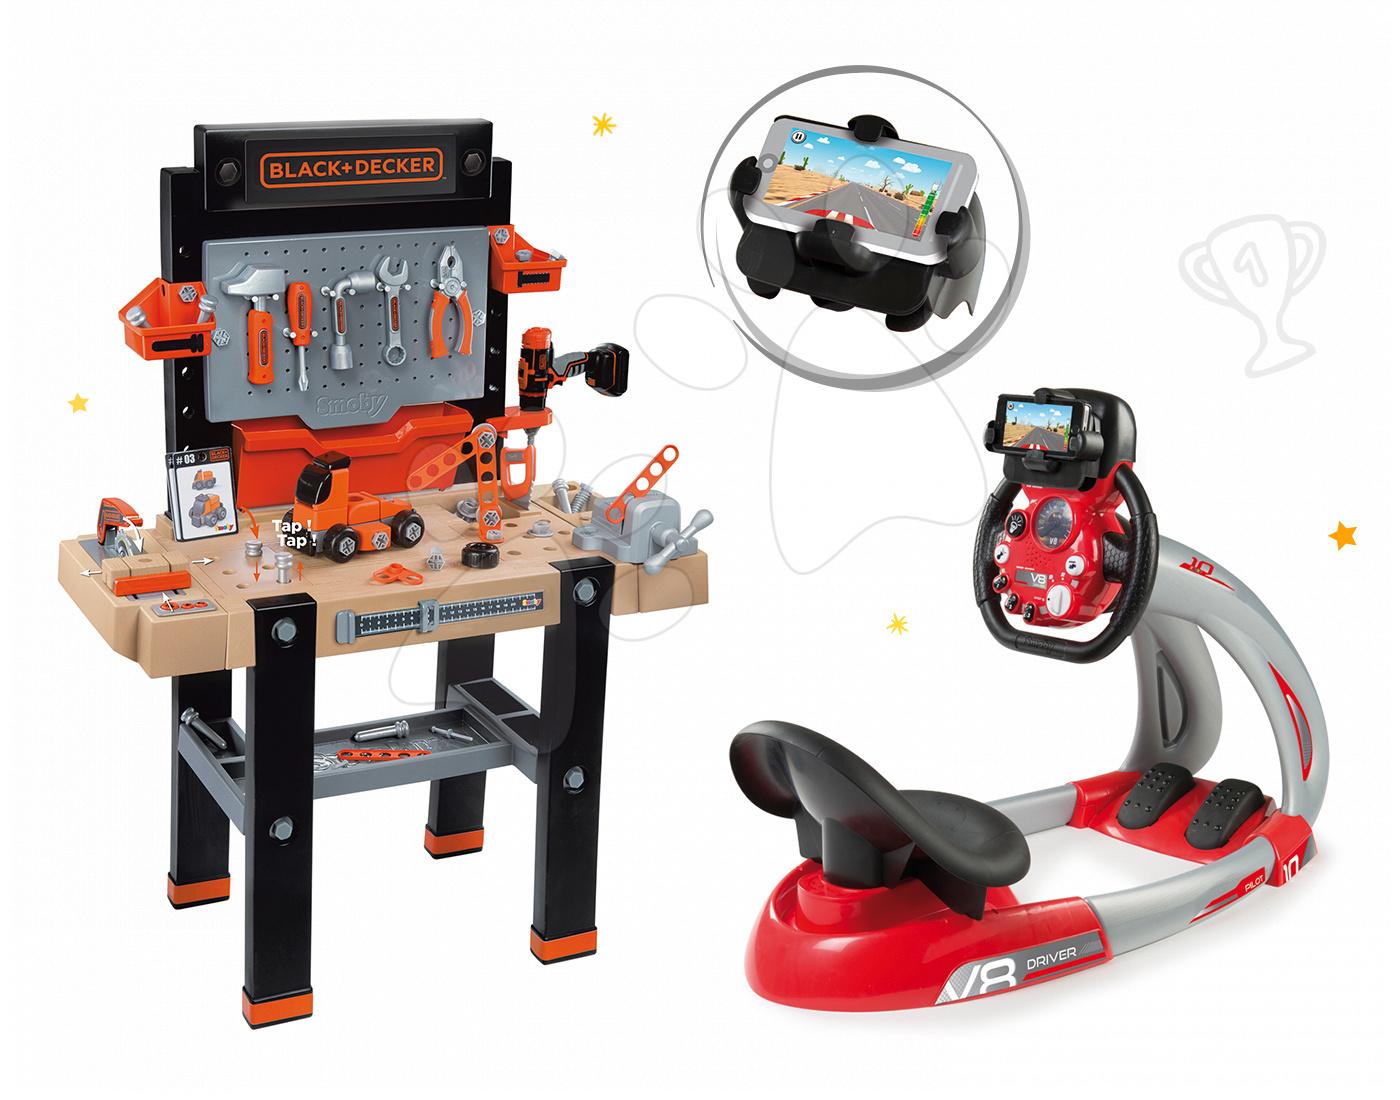 Smoby set dielňa Black+Decker a elektronický trenažér V8 Driver 360702-12